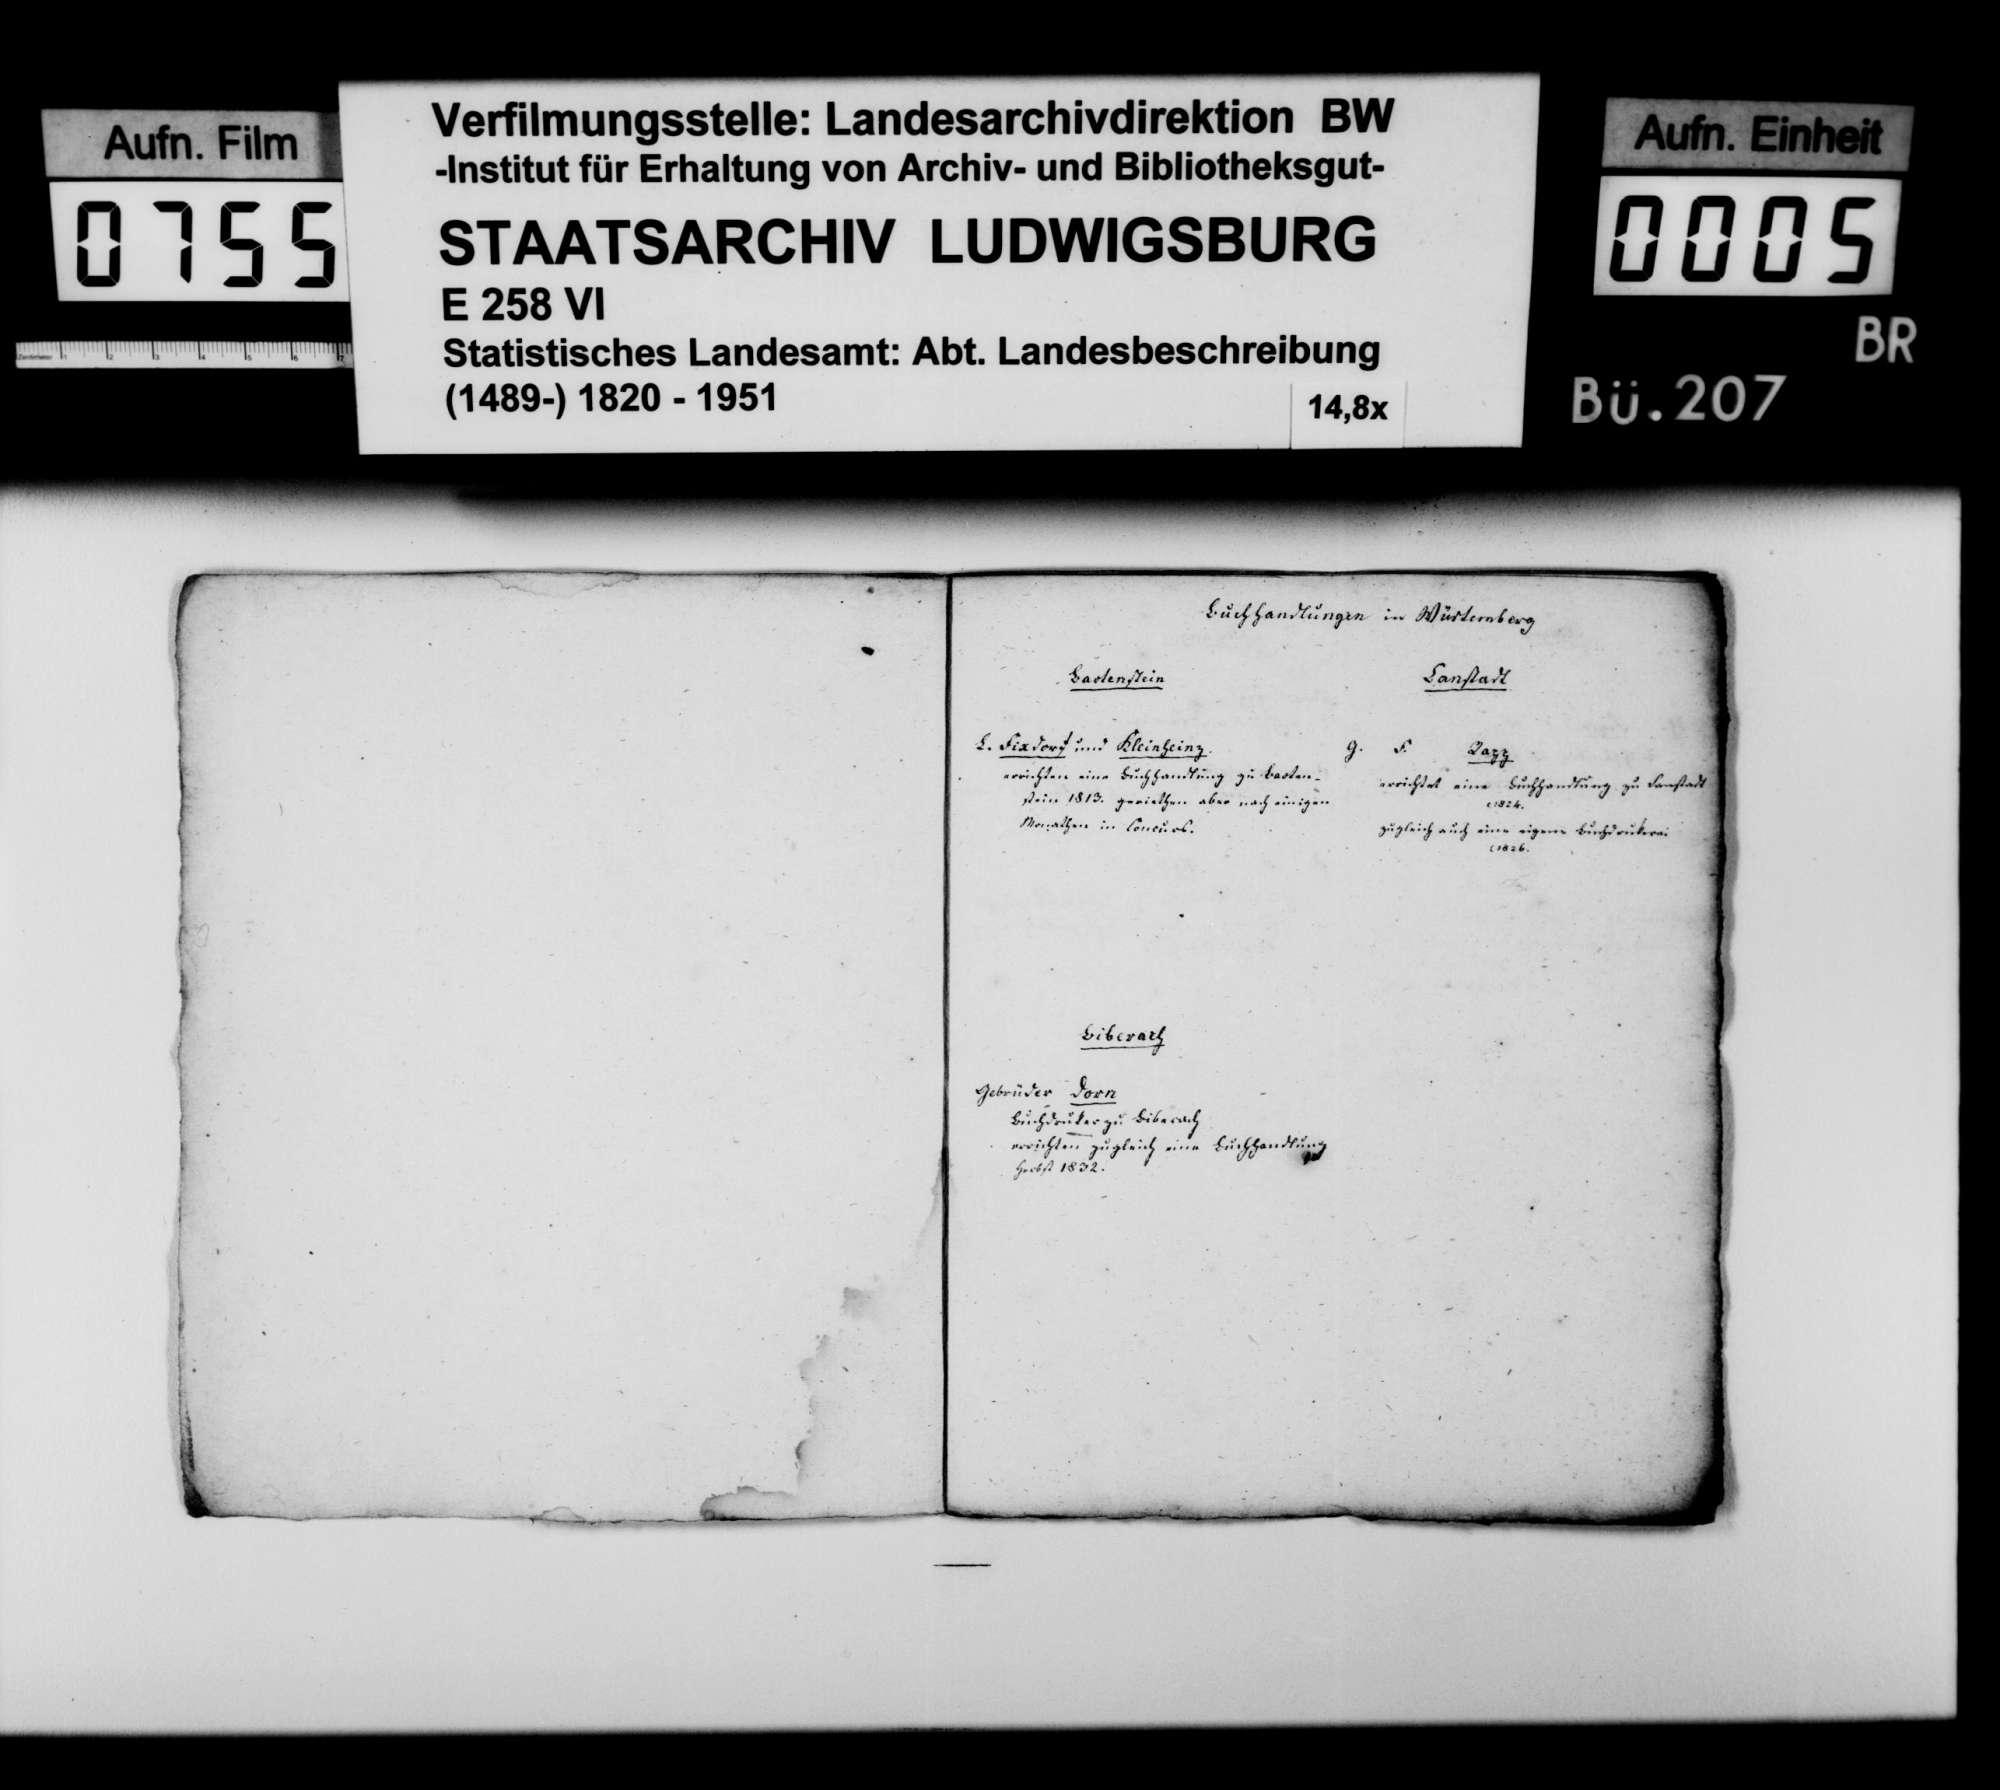 Materialsammlung des Karl von Alberti: Notizen zur Geschichte der Buchdruckereien in Schwaben; I. Württemberg, II. Baden, III. bayerisches Schwaben, Bild 3